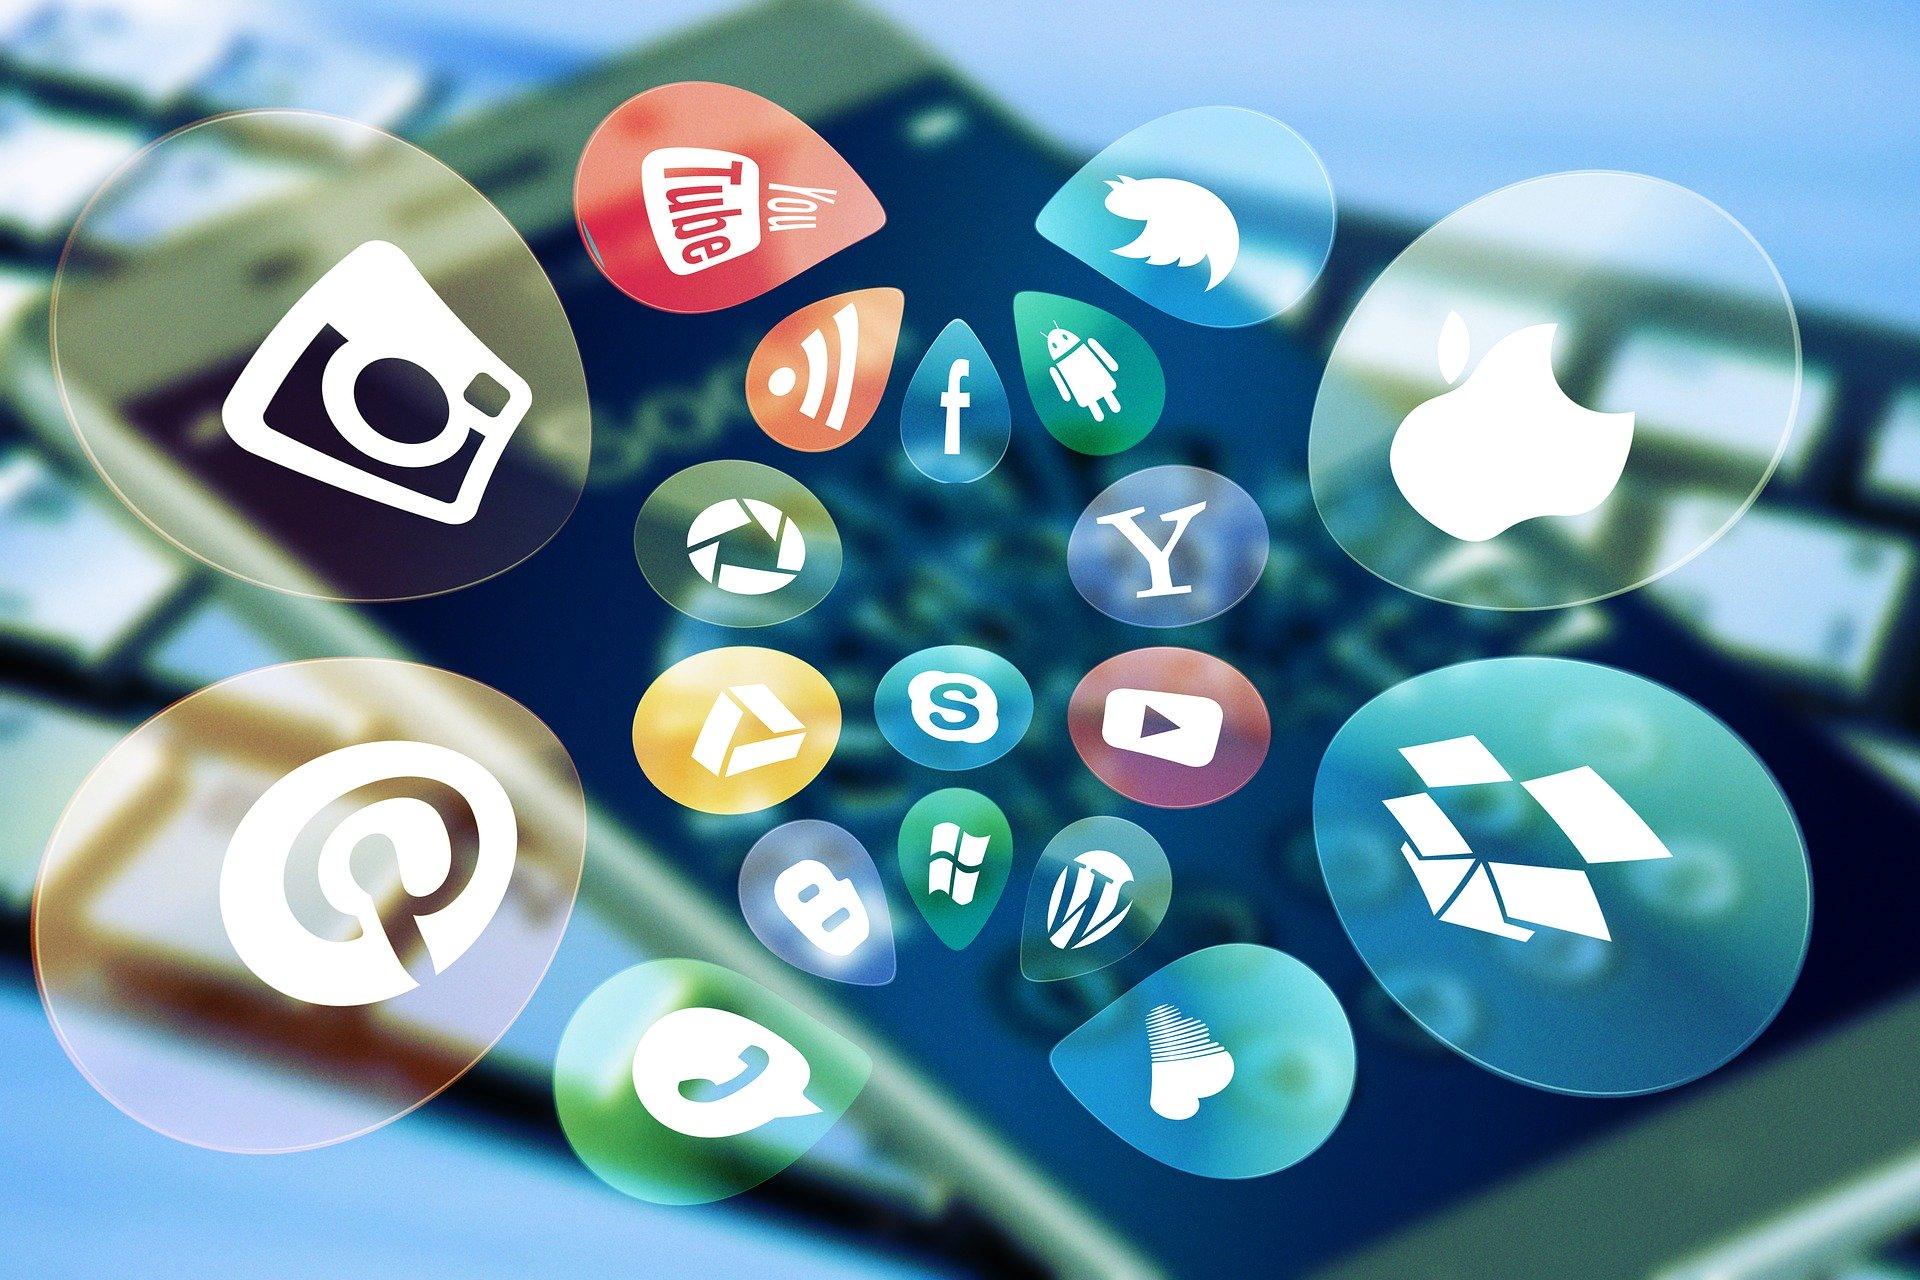 La guida per principianti al marketing digitale